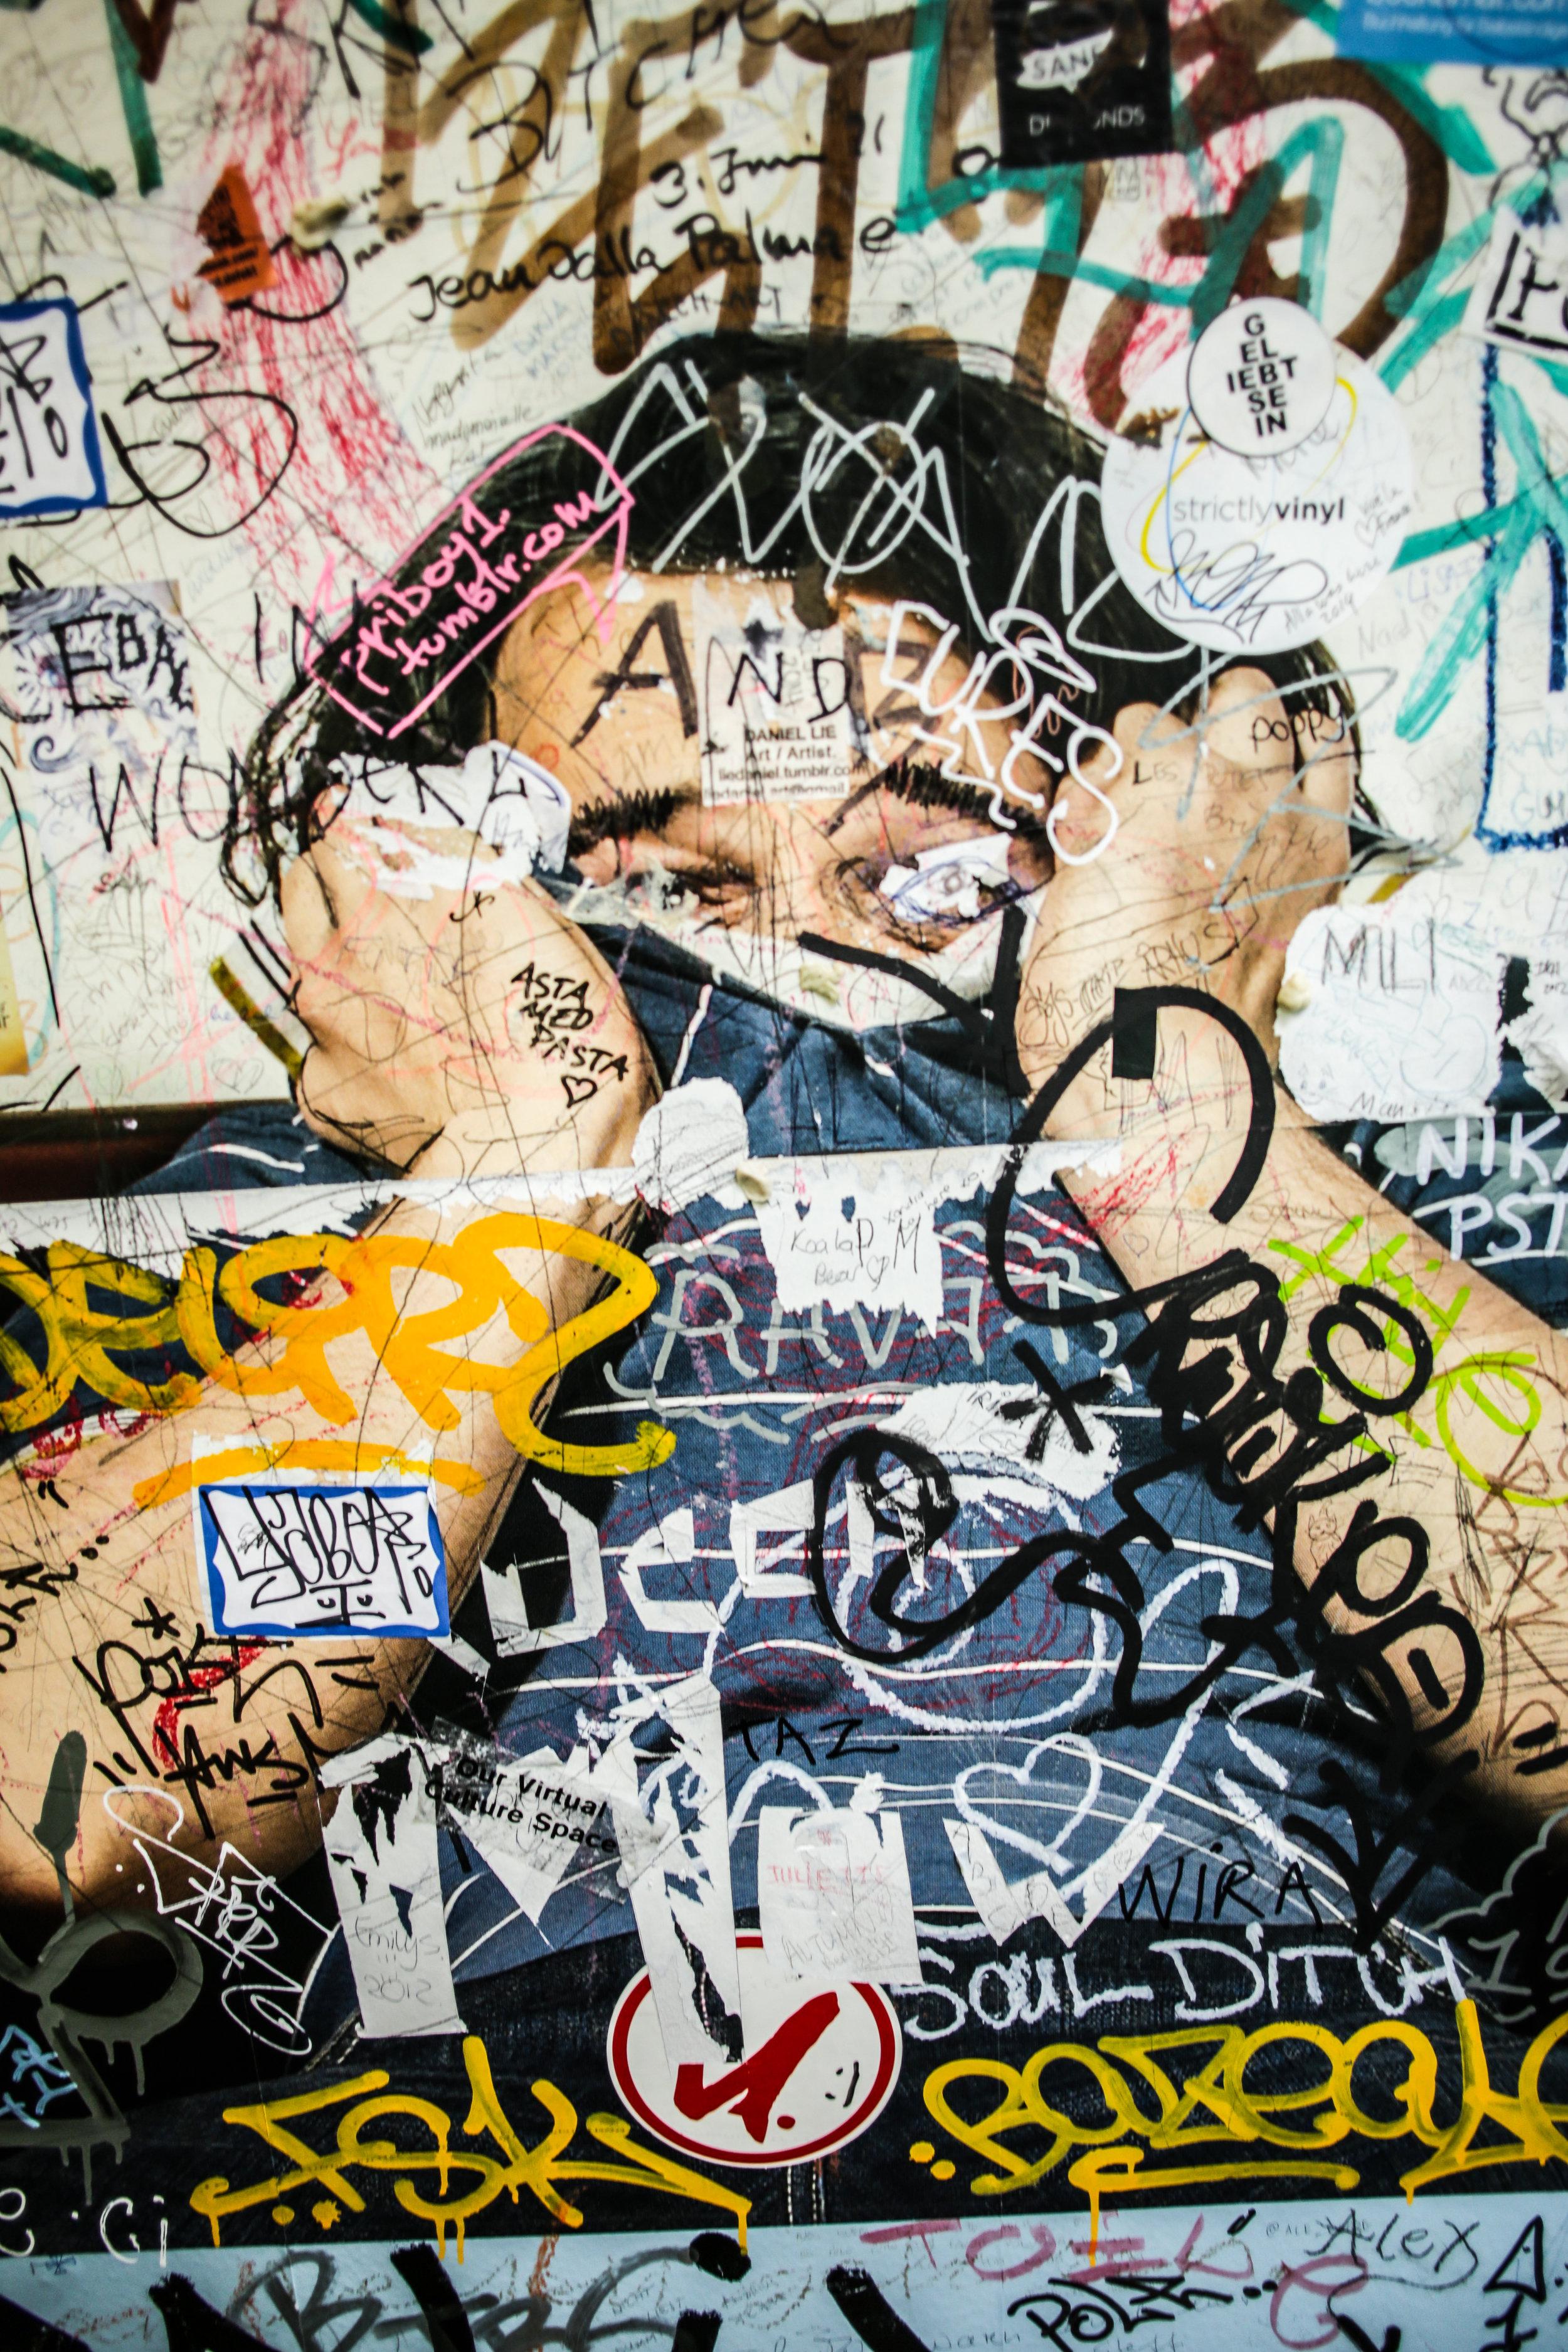 Photo of graffiti, June 2015, Berlin